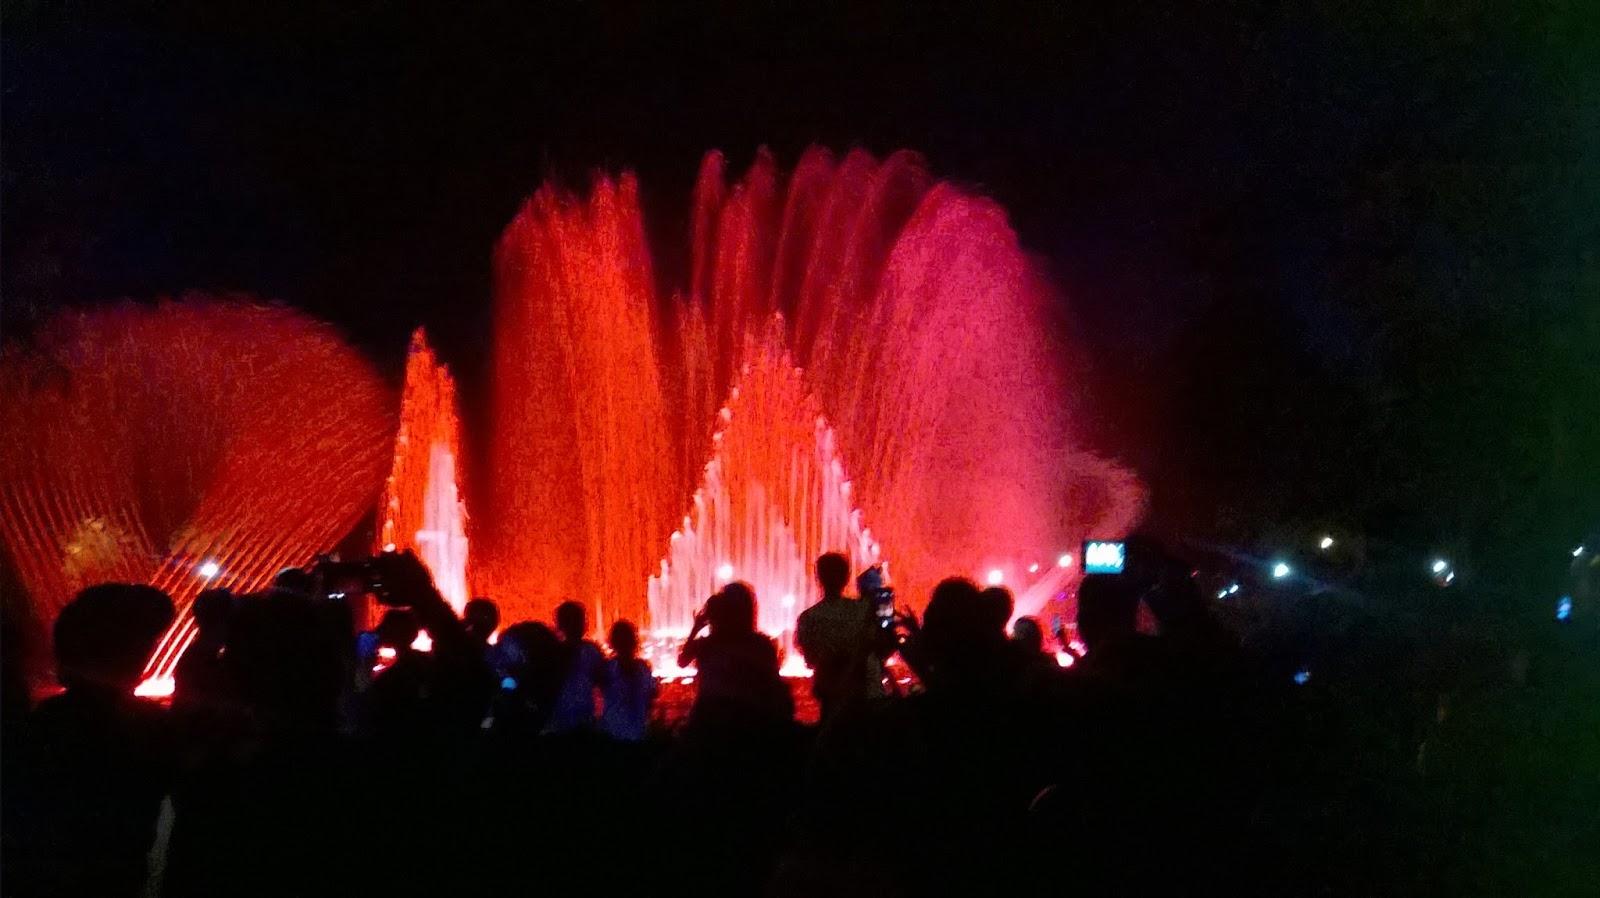 Malam Pergantian Denpasar Air Mancur Menari Taman Kota Atraksi Lumintang